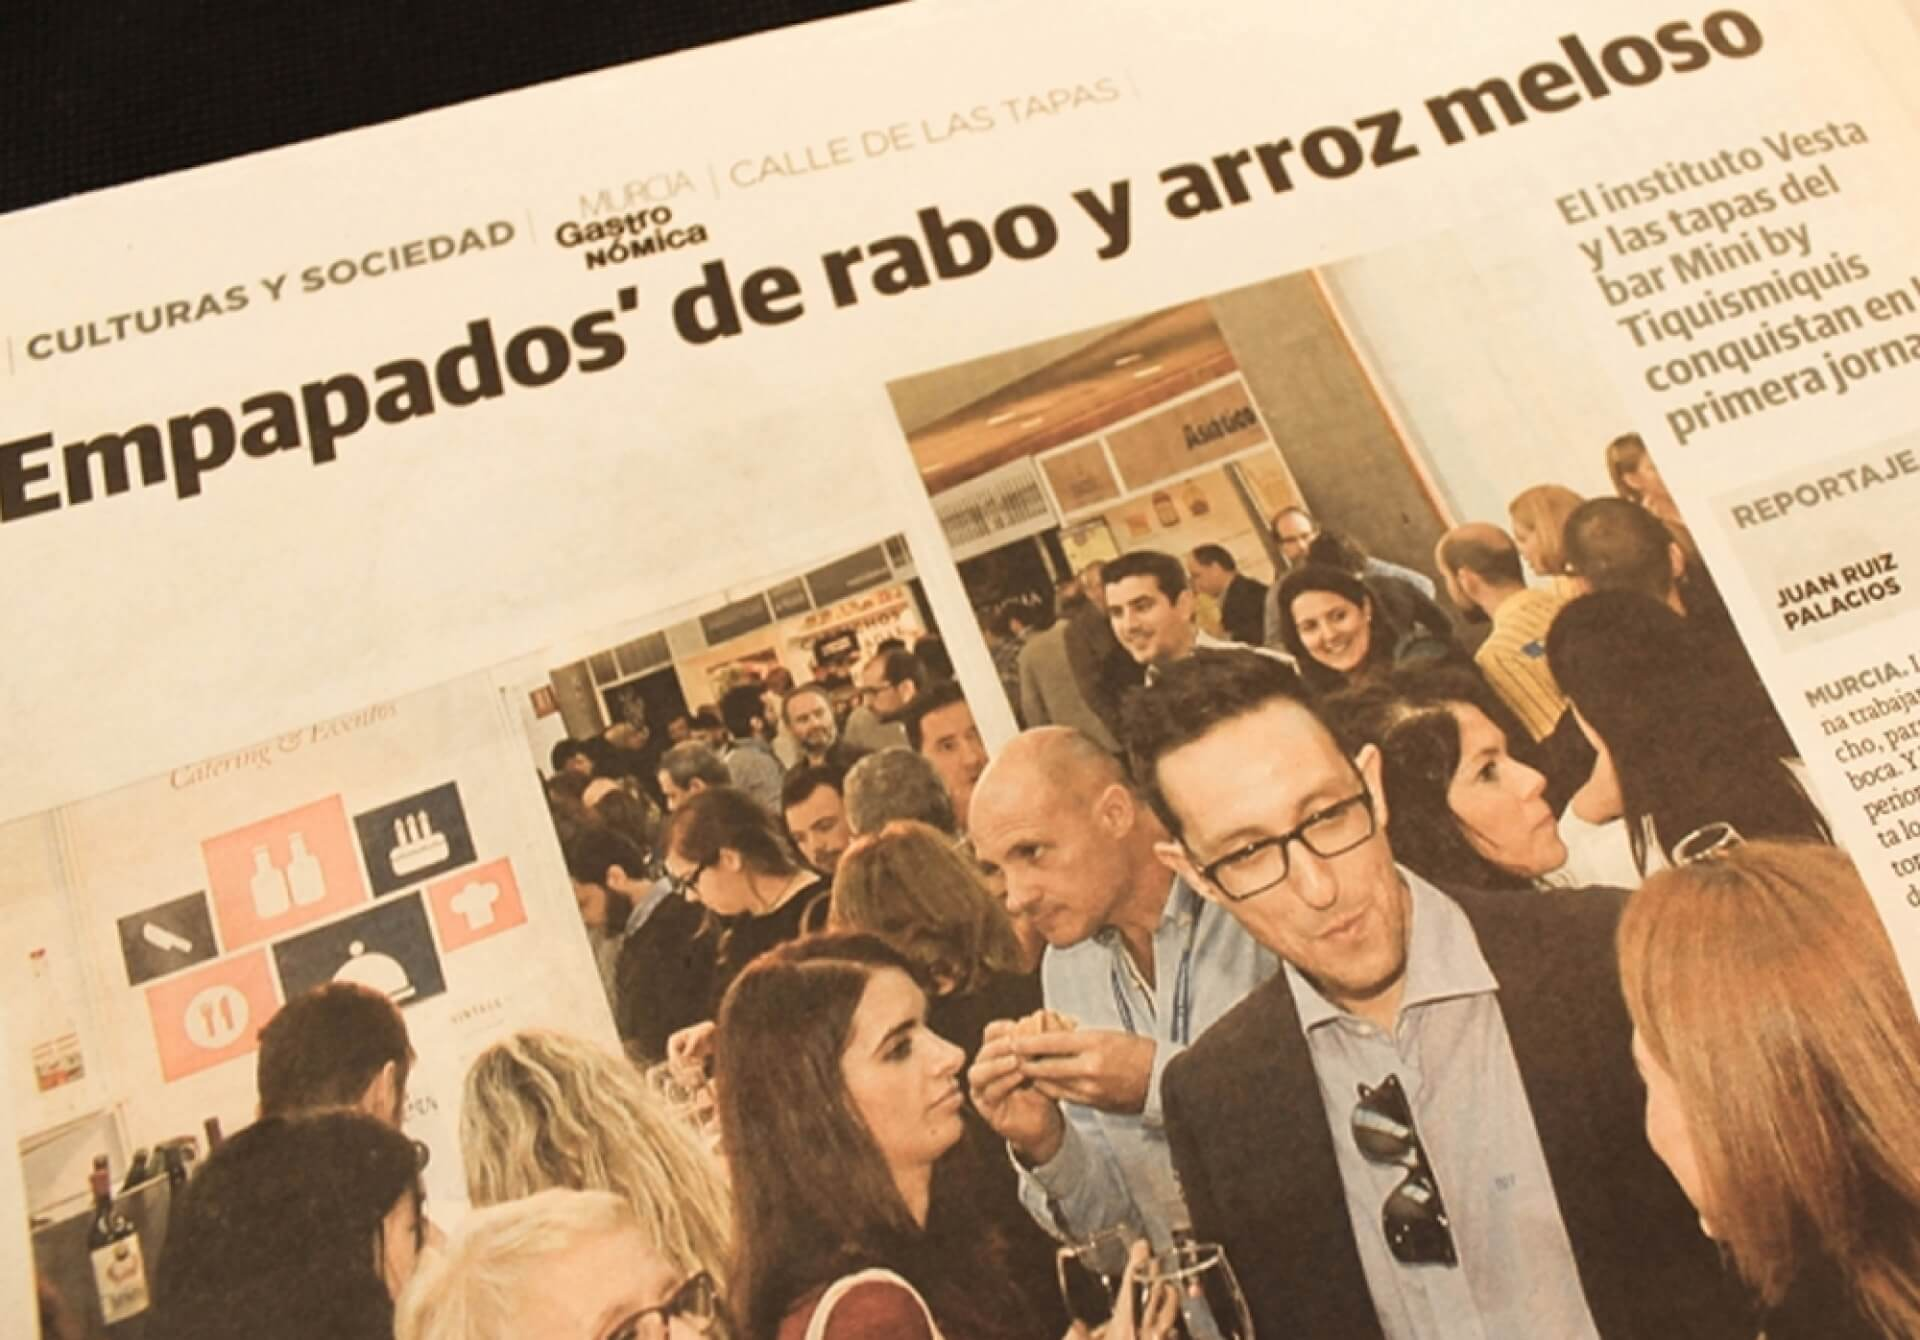 Murcia Gastronómica, empapados de rabo